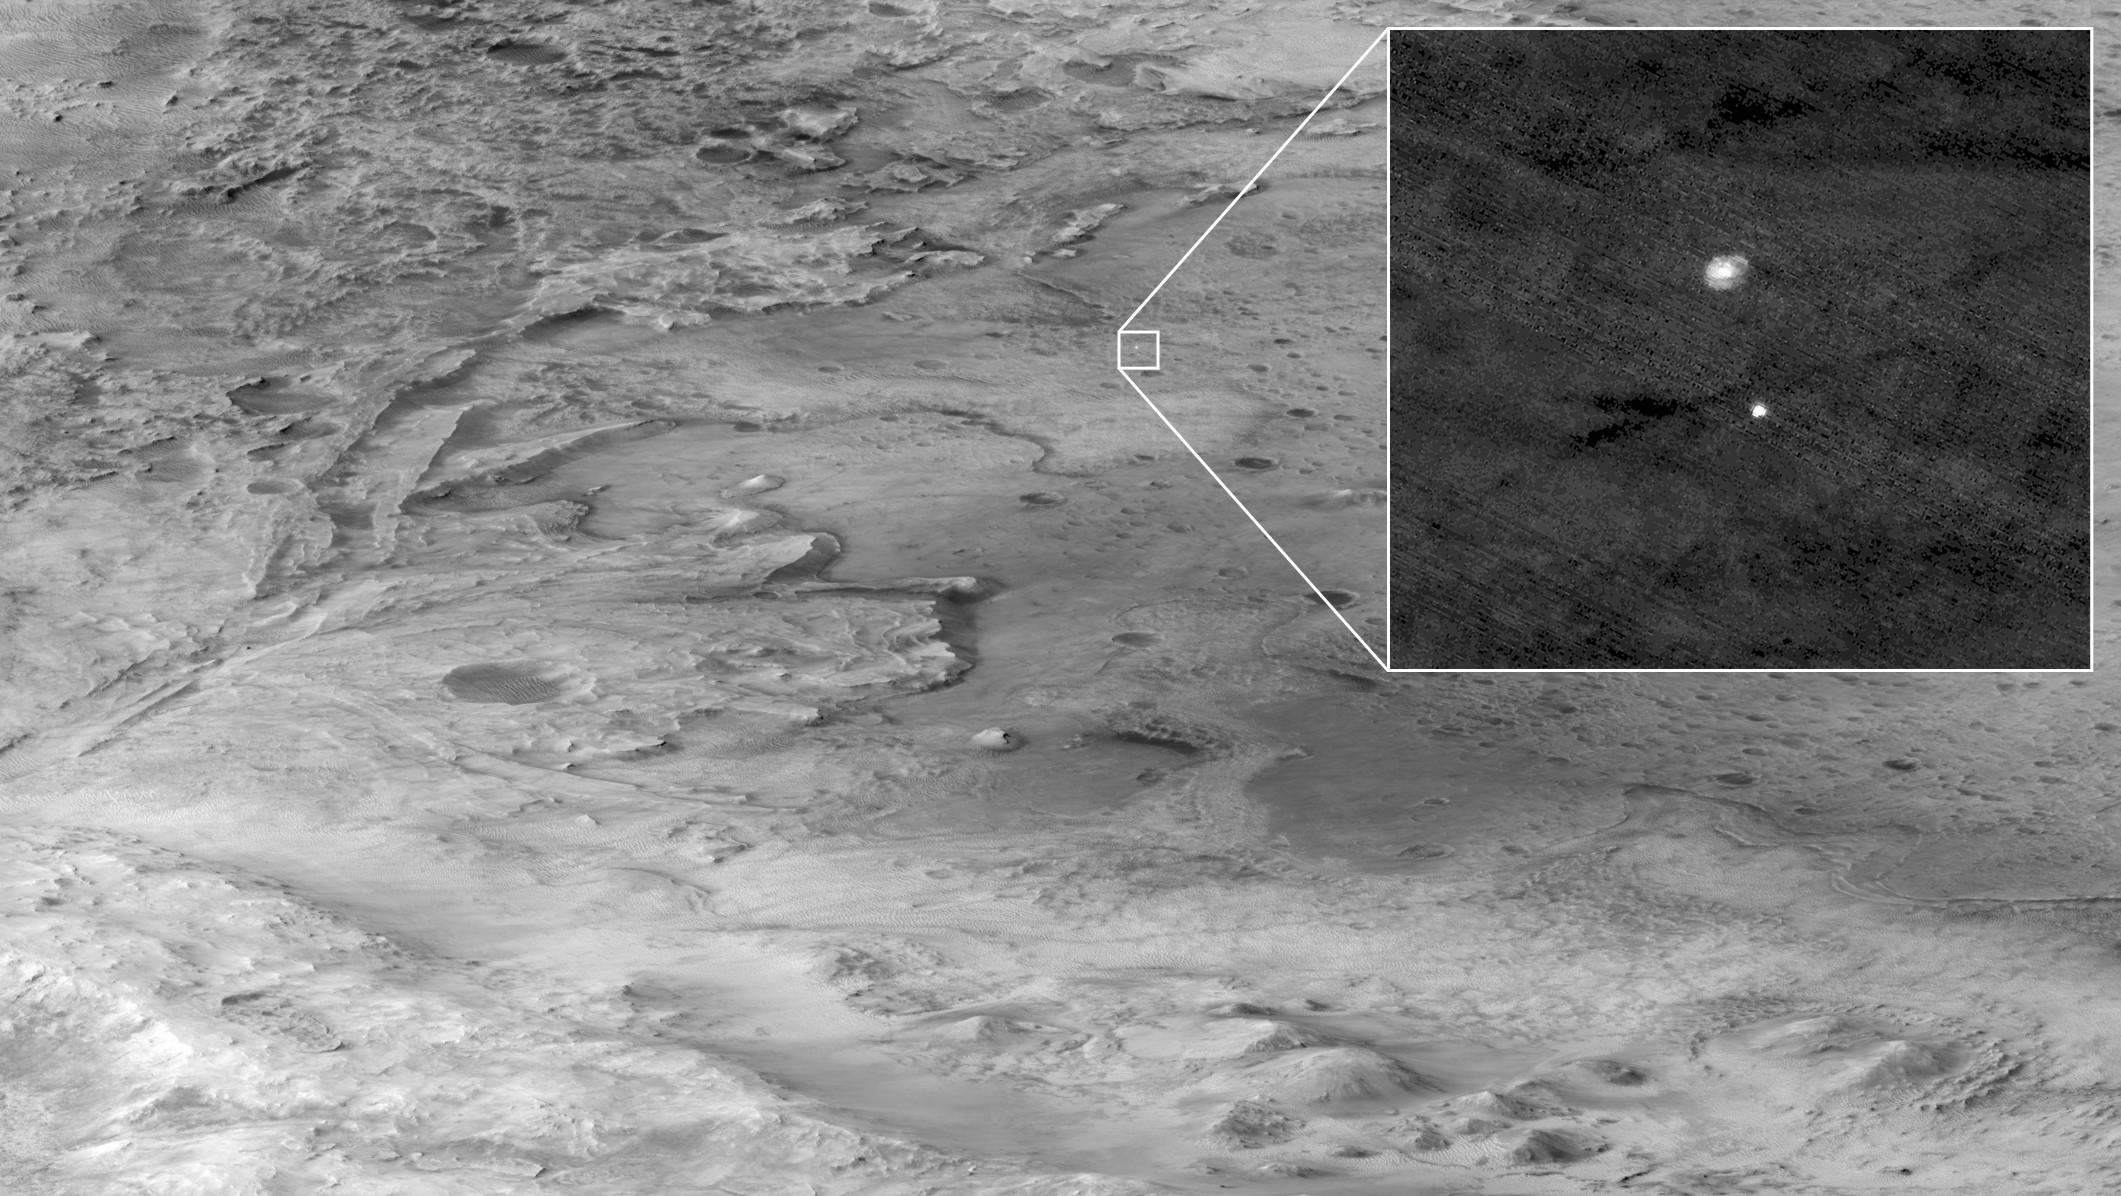 rover persévérance mars 2020